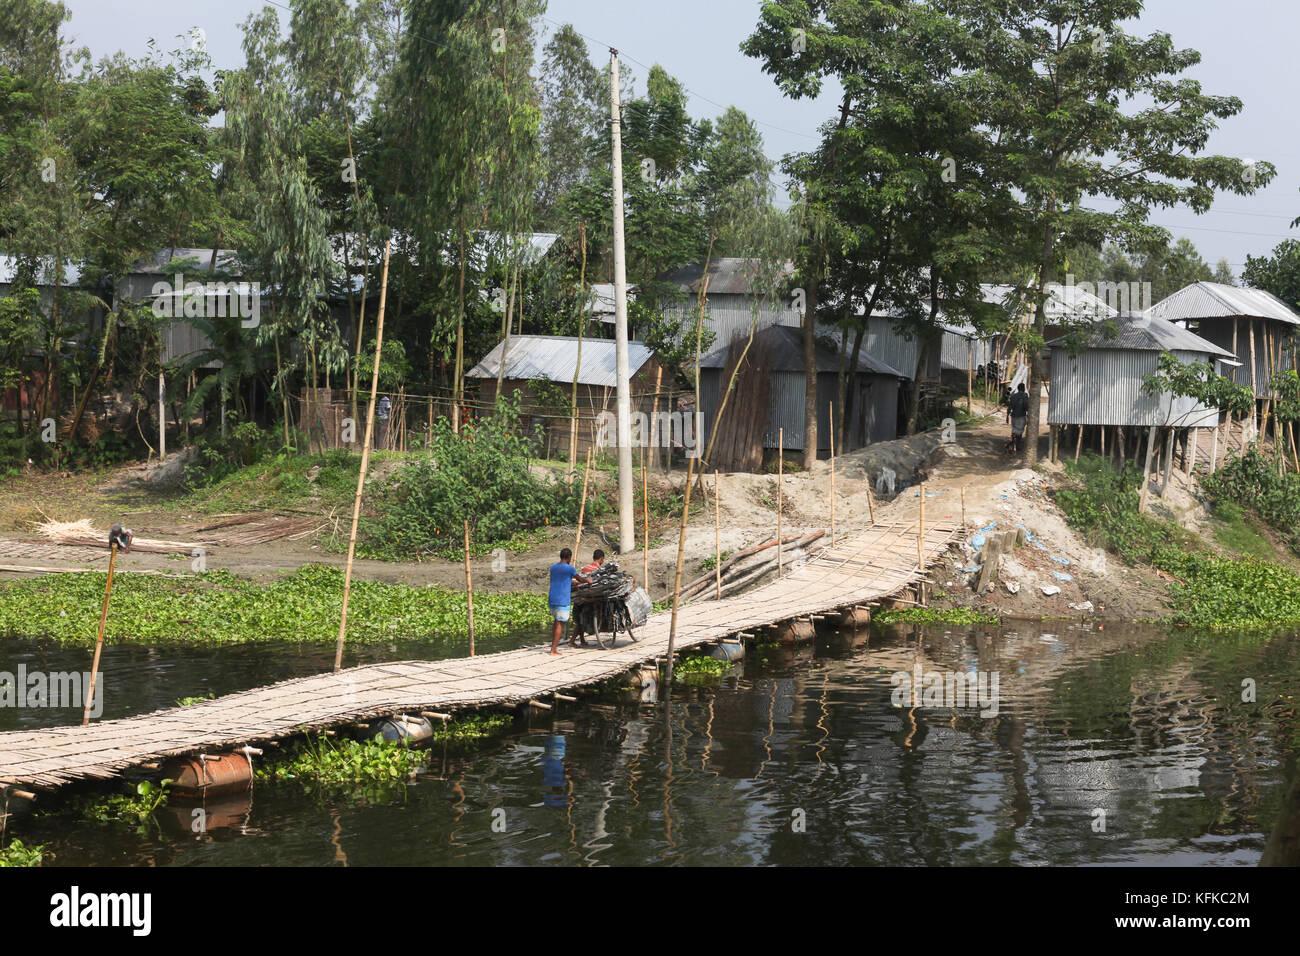 Bamboo pontoon bridge in Kalua village, Chhinni, Kurigram District, Bangladesh - Stock Image